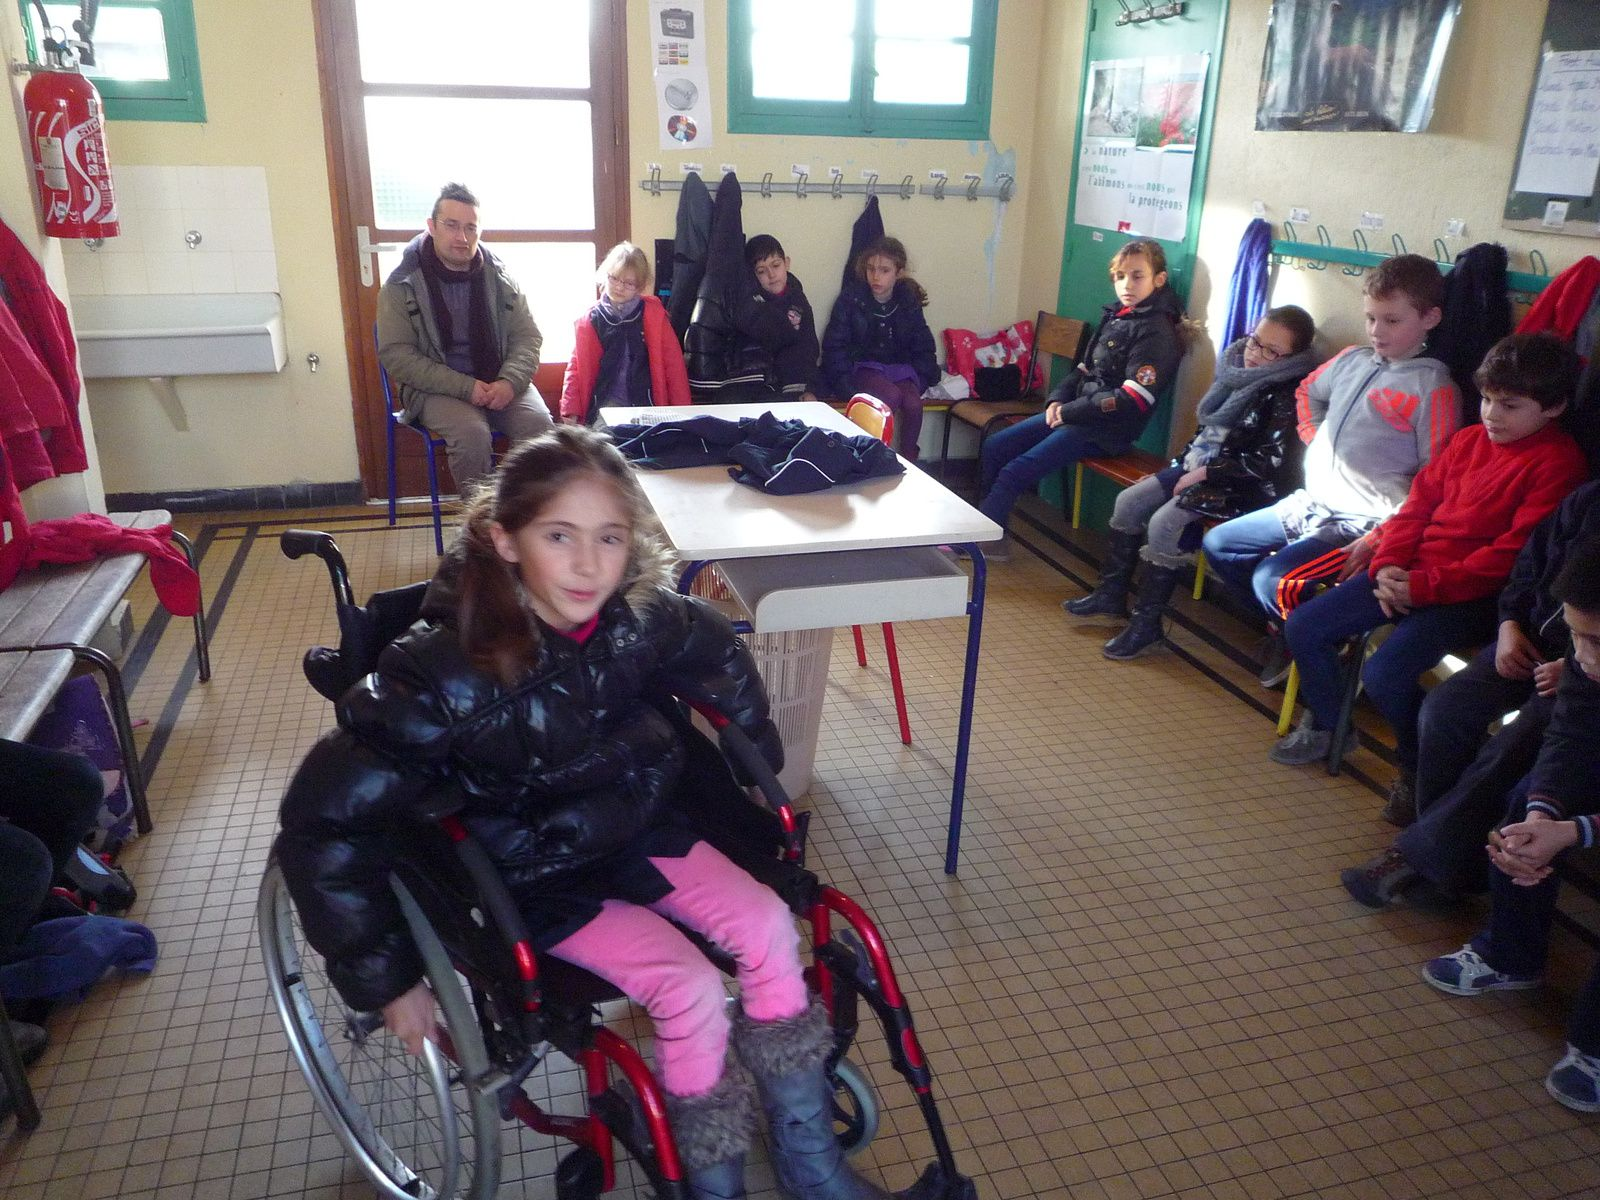 A St Sylvestre, une journée pleine d'émotions et d'apprentissages autour du handicap